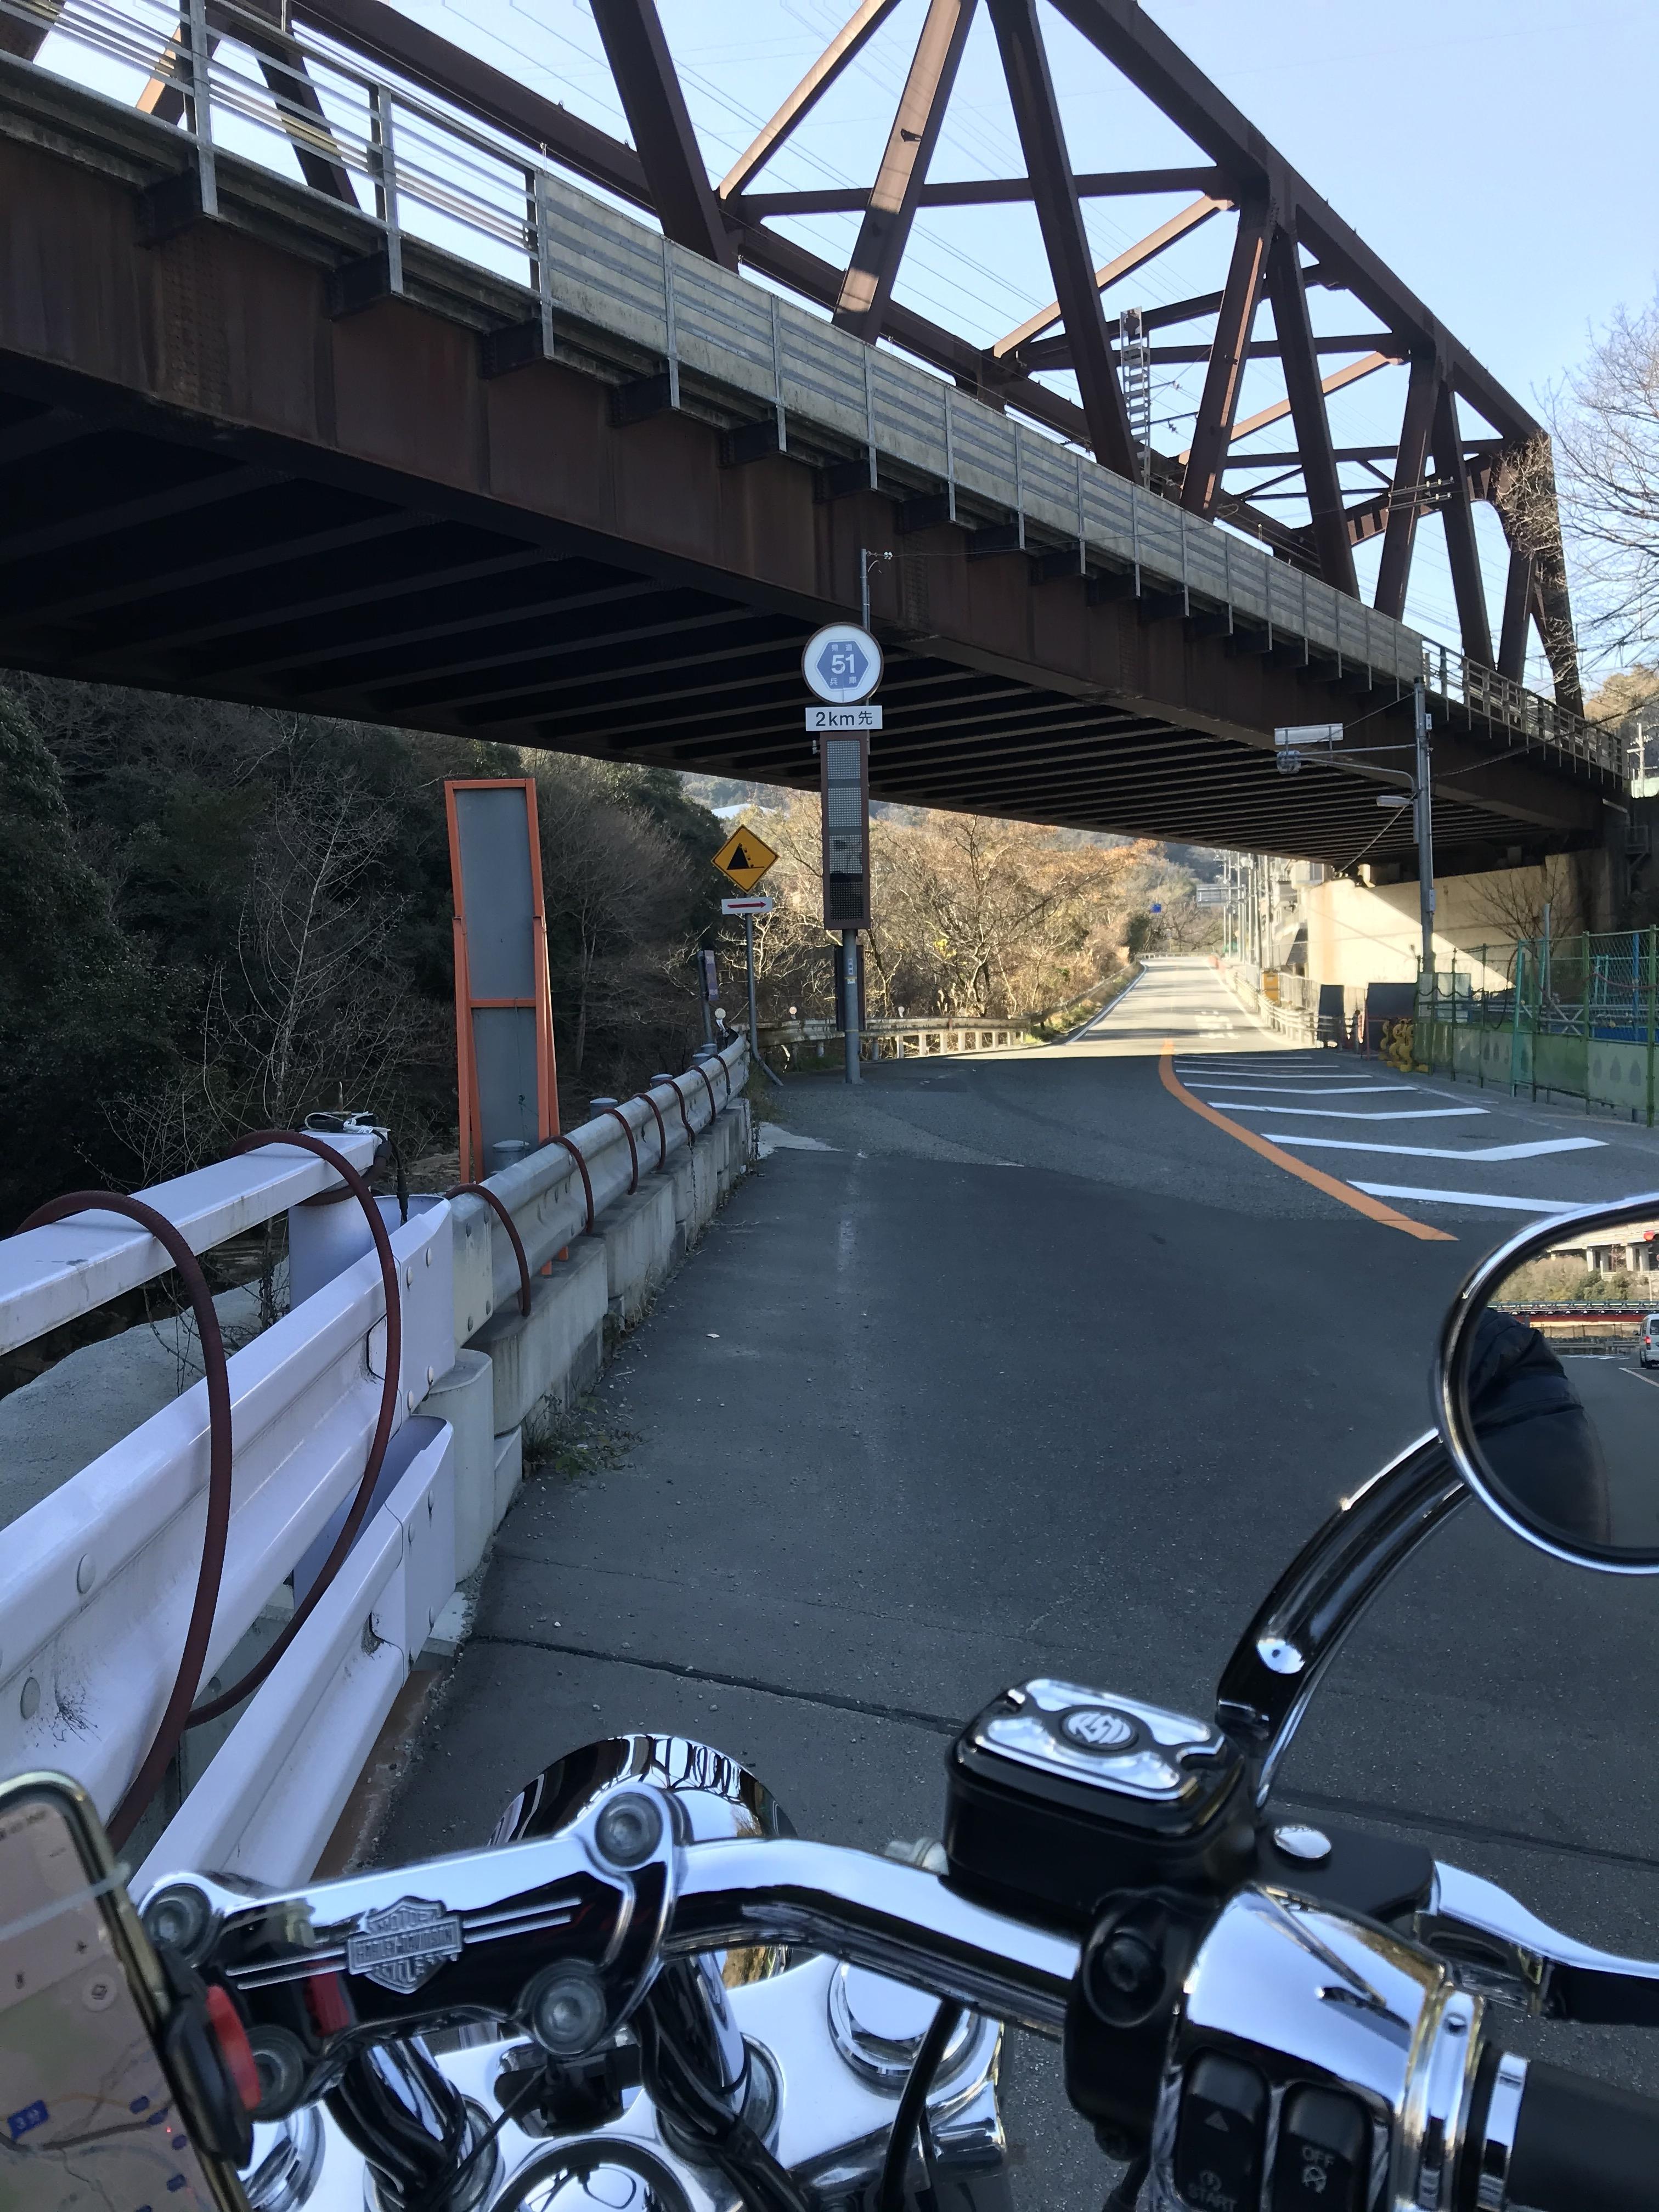 harleydavidson-motorcycle-touring-blog-arima-onsen-hotsprings-way-2.jpg